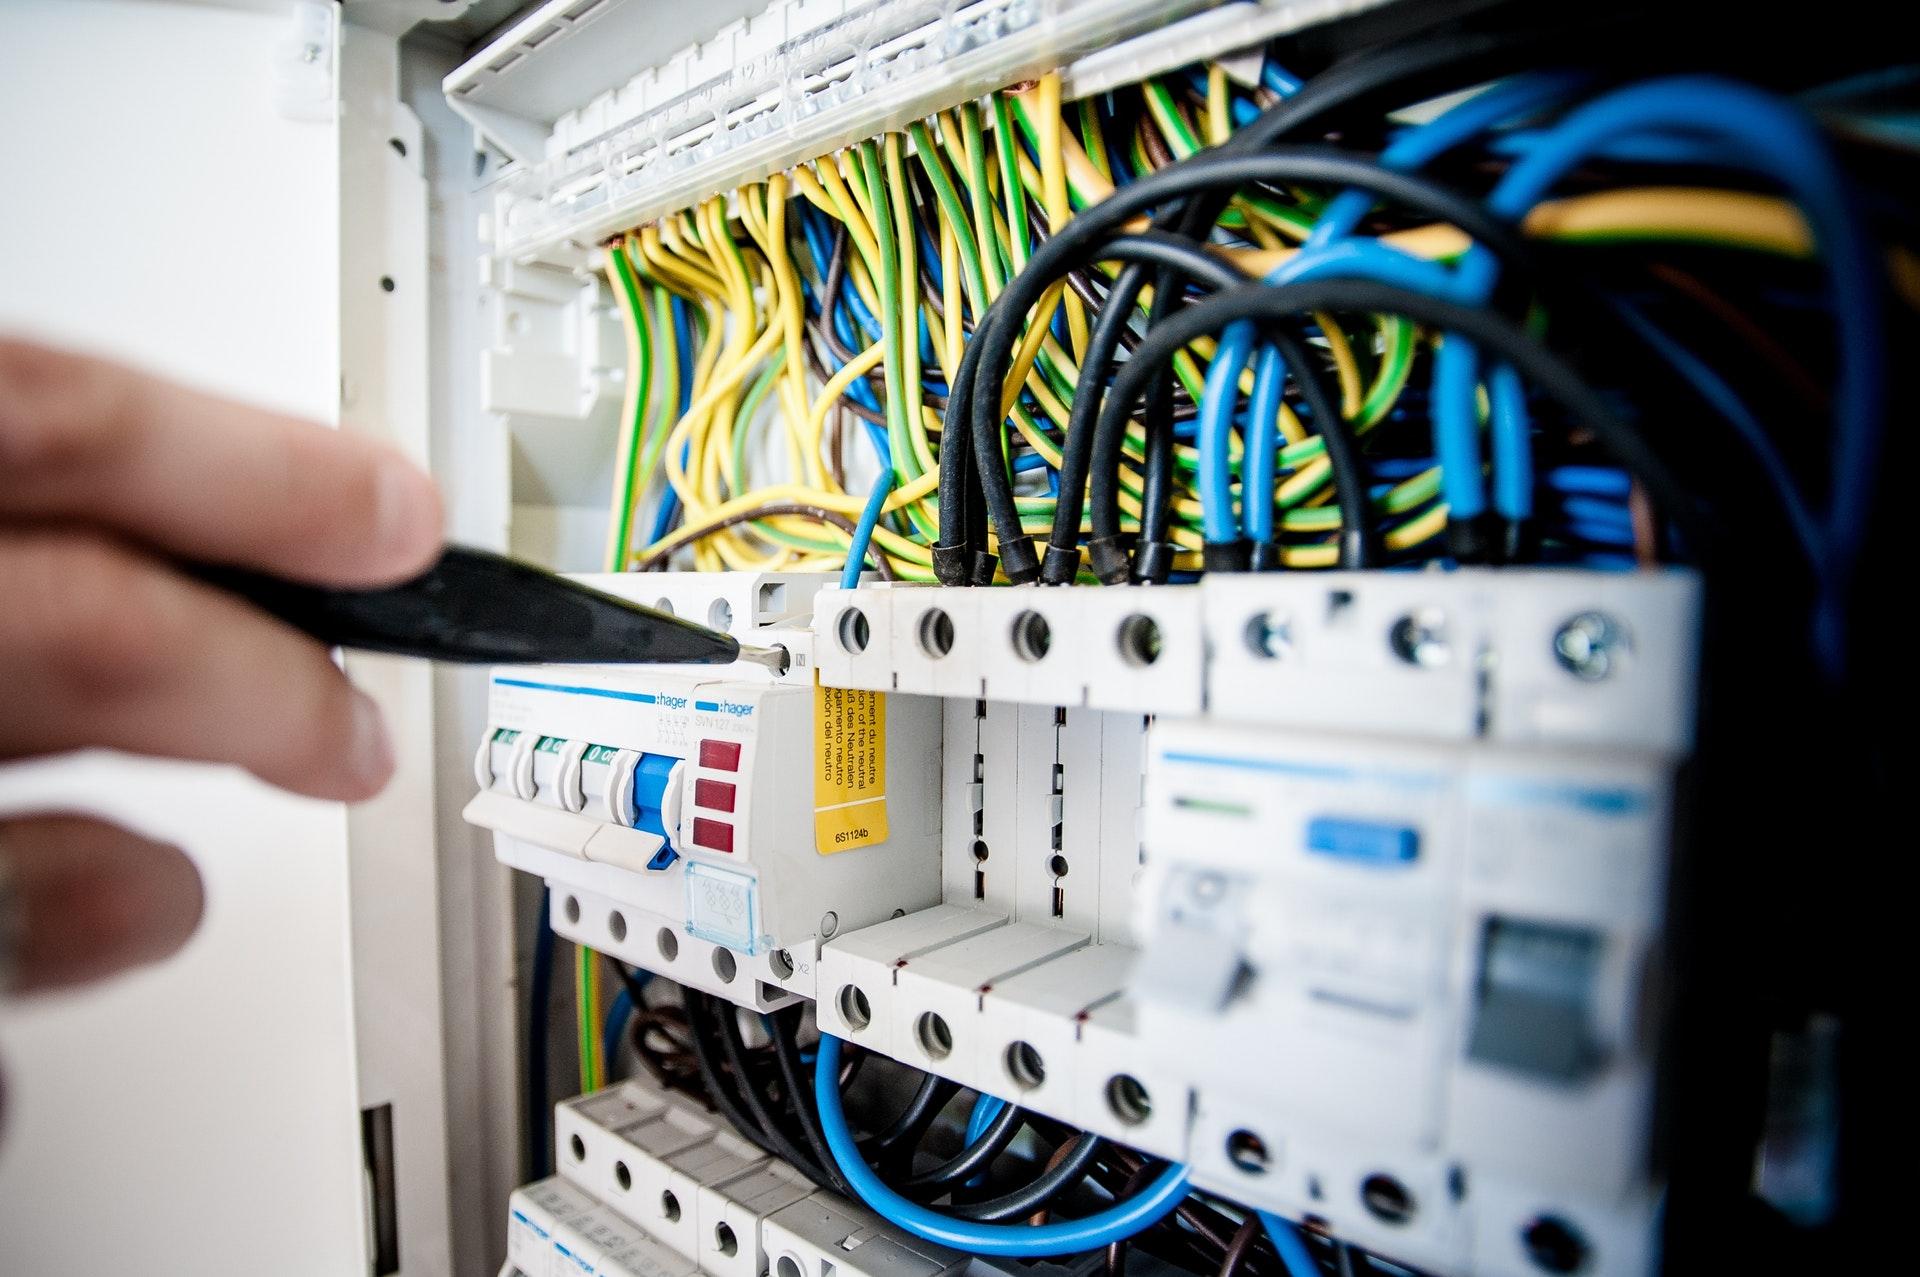 ochrona przeciwporażeniowa, wyłącznik różnicowoprądowy, RCD, elektrycznosć, prąd, napięcie